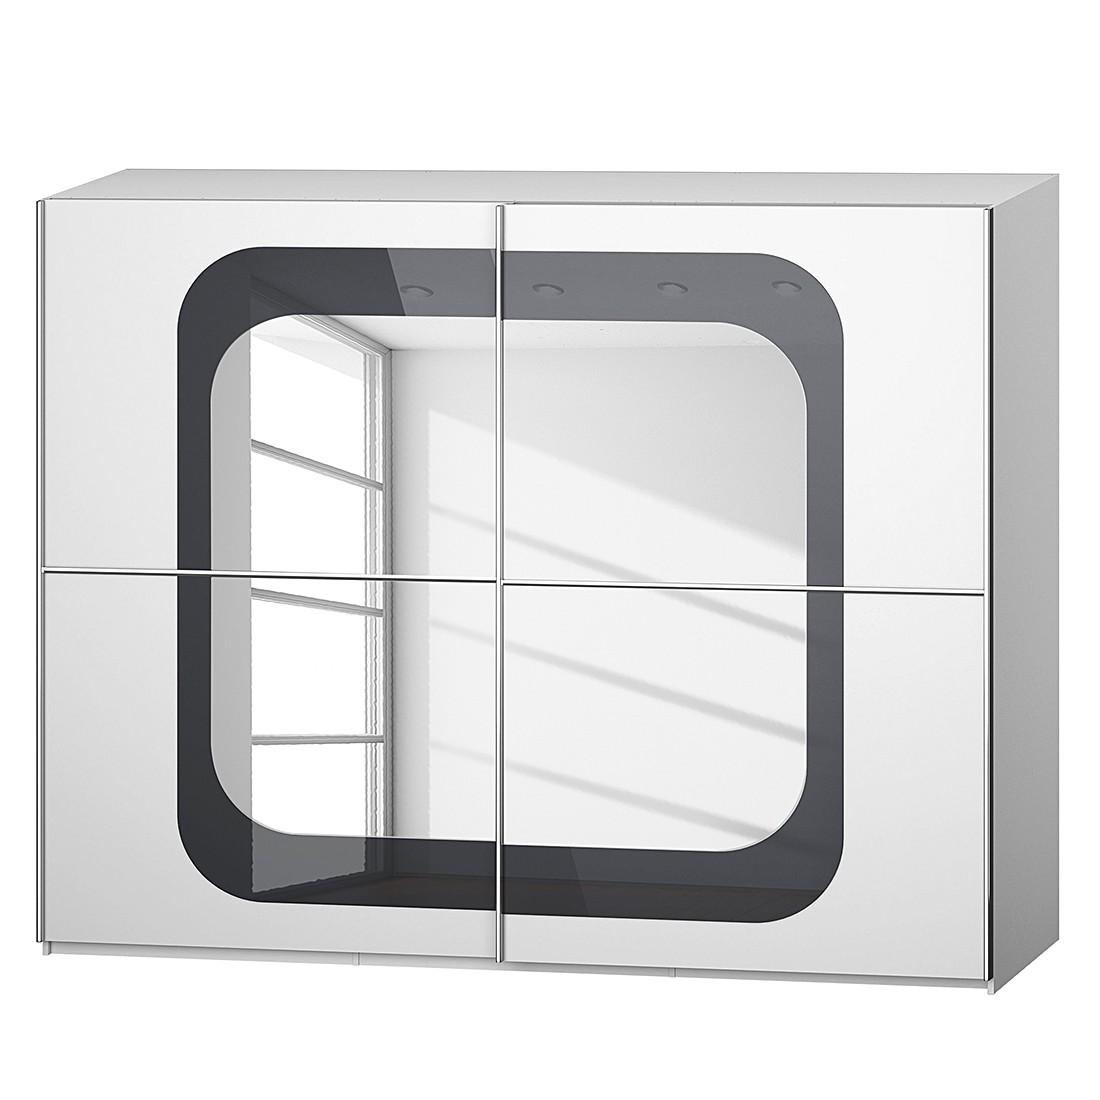 goedkoop Schuifdeurkast Lumos Alpinewit basaltkleurig glas 270cm 2 deurs 223cm Rauch Dialog